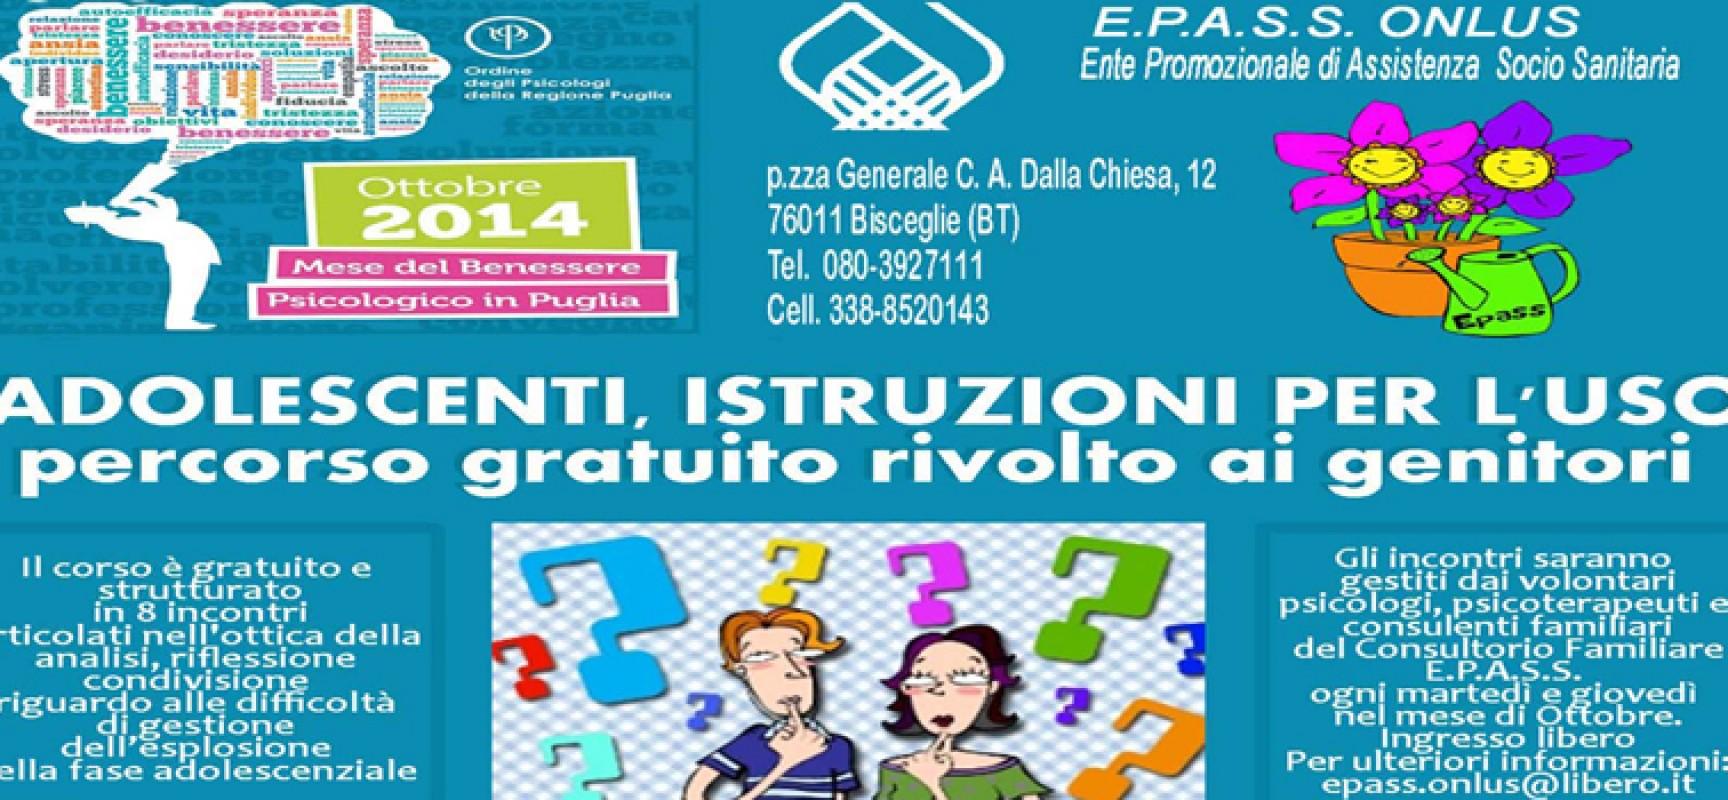 """""""Adolescenti, istruzioni per l'uso"""": prosegue con successo l'iniziativa lanciata dal consultorio Epass"""